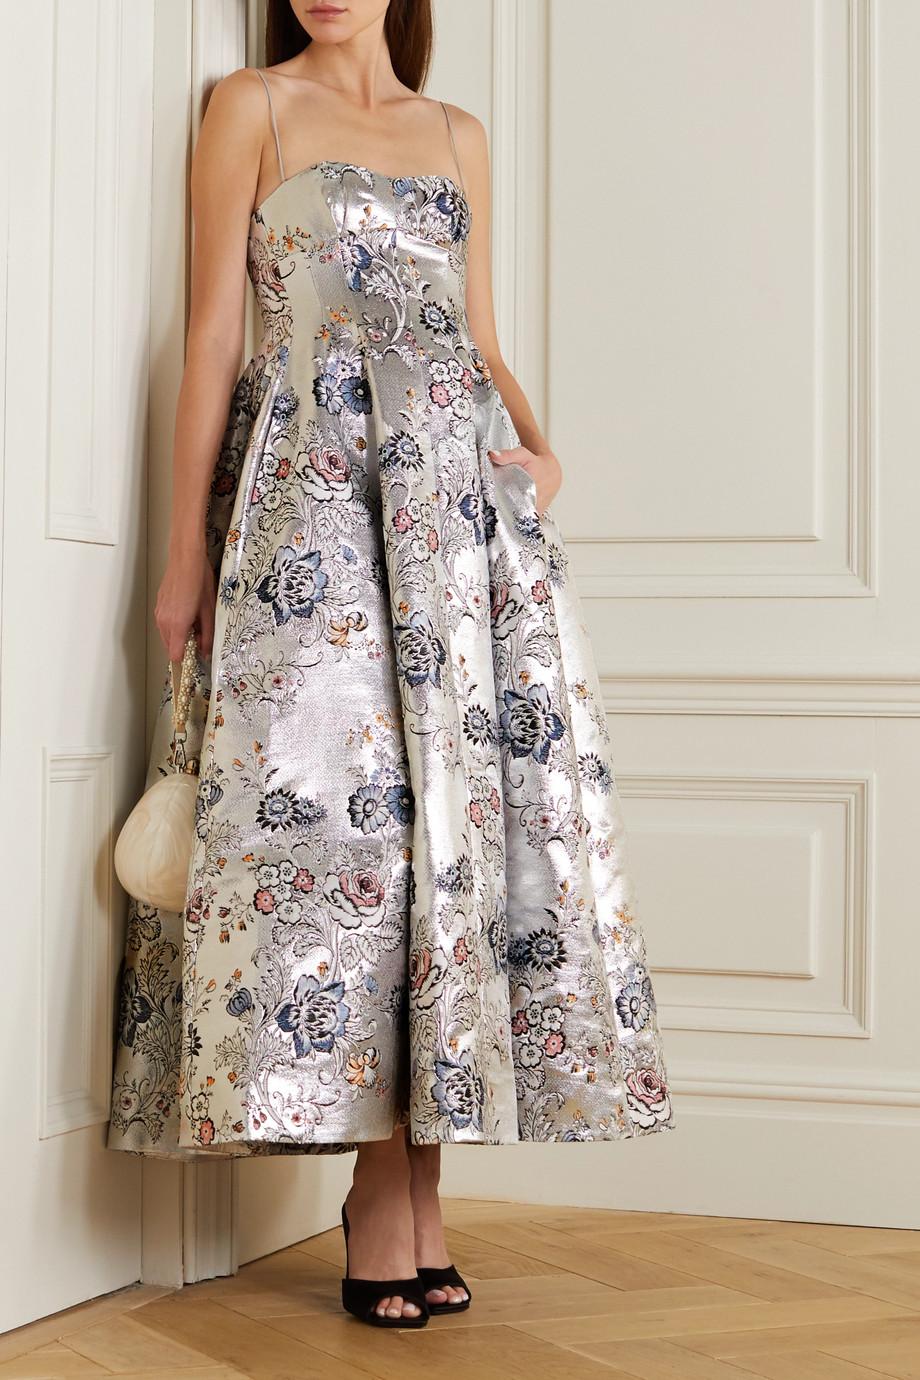 Erdem Adalyn metallic floral-jacquard gown